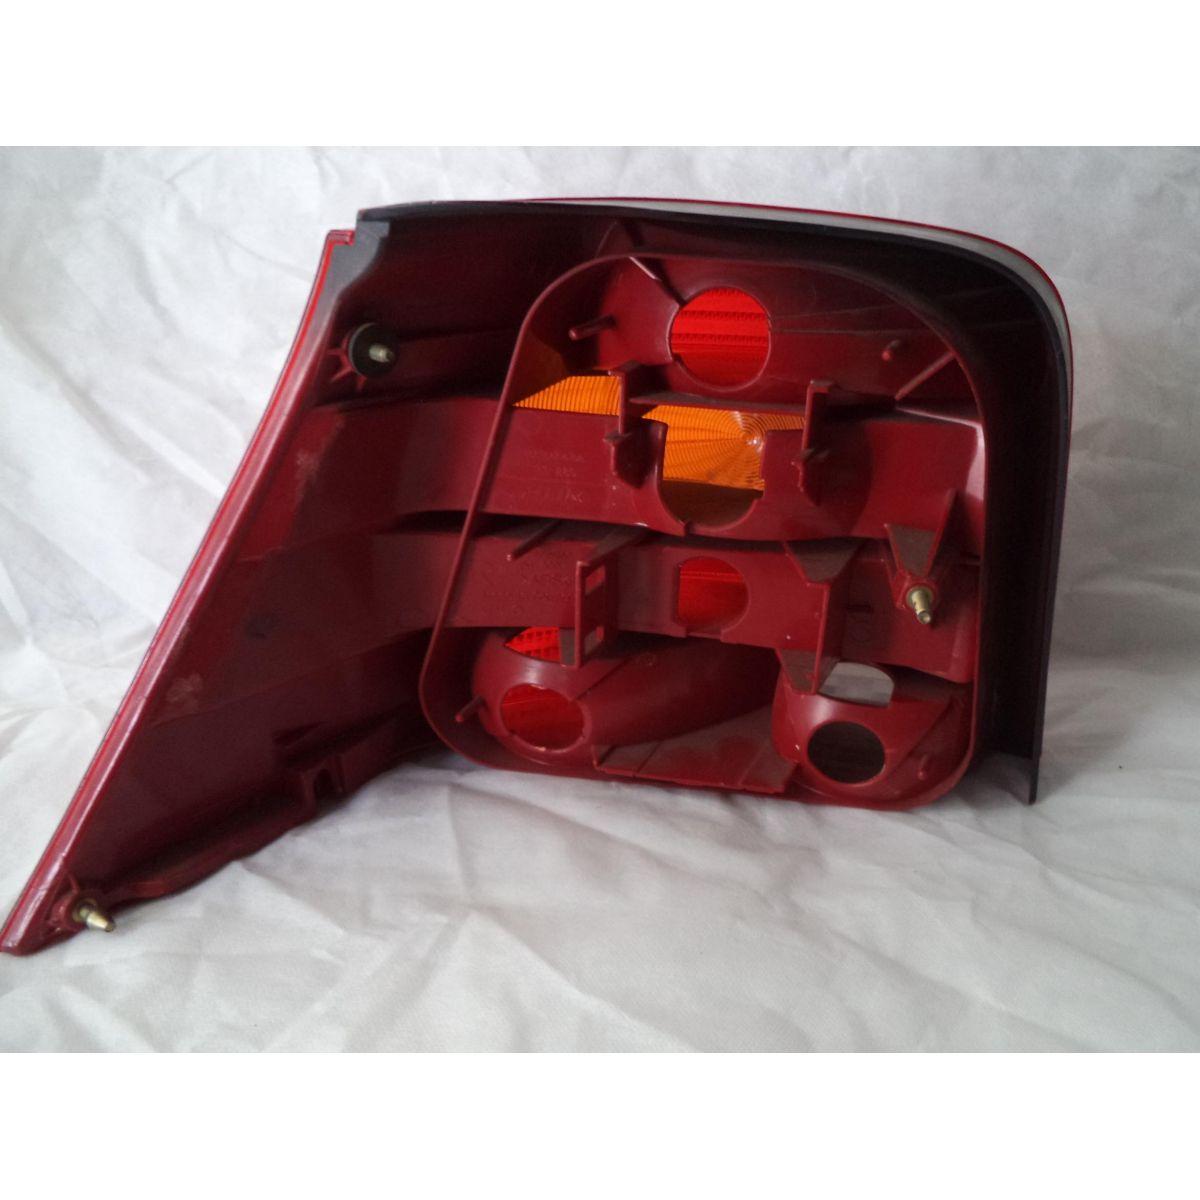 Lanterna Traseira Golf 99 a 06 Magneti Mareli Original  - Amd Auto Peças